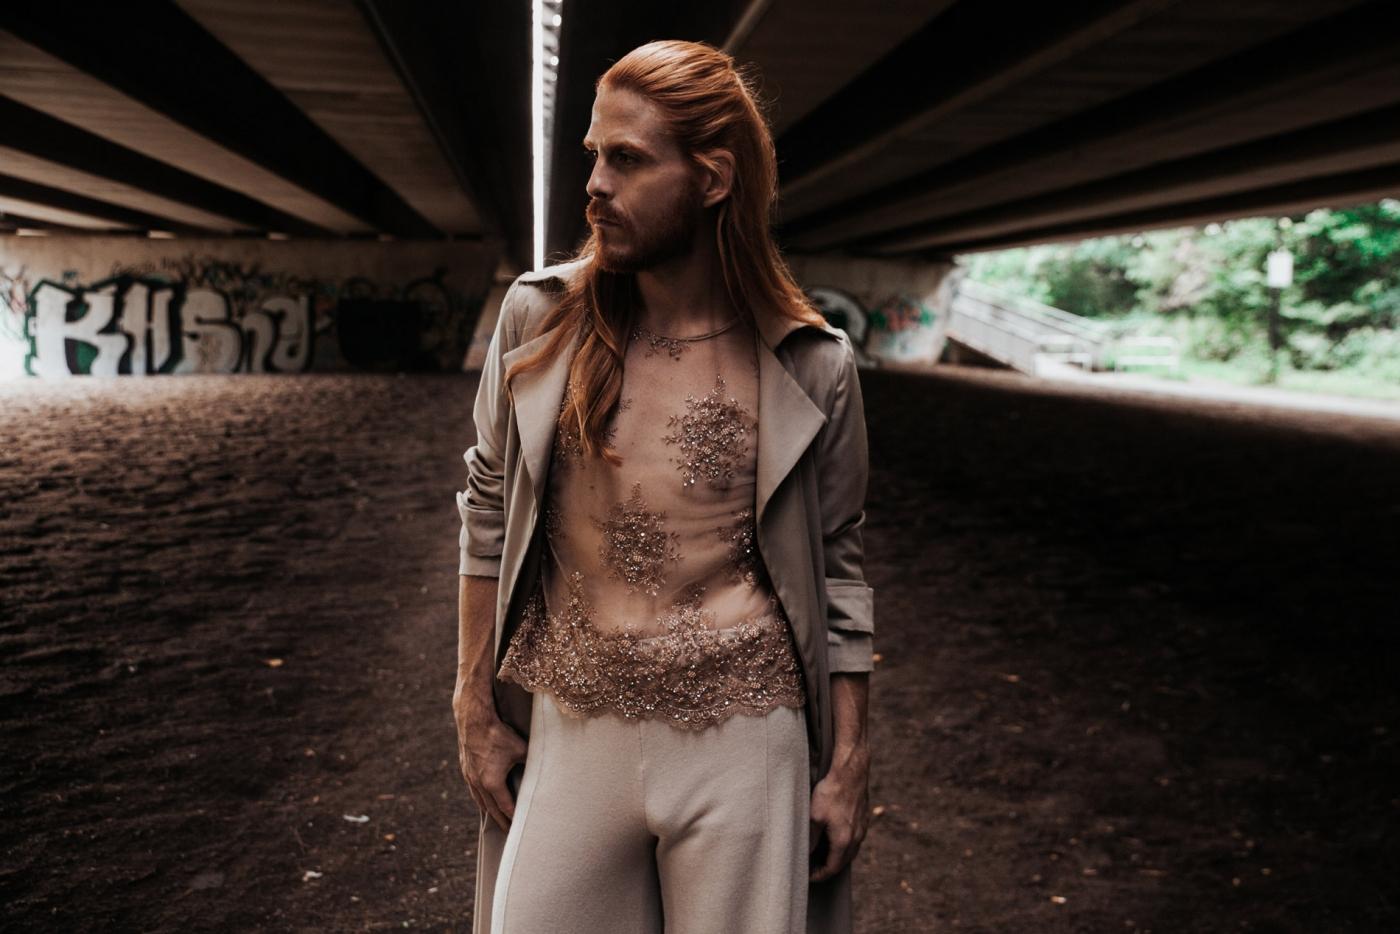 Nachwuchs-Designer-Spitze-Couture-AMD-Malefashion-Style-unisex-Preview